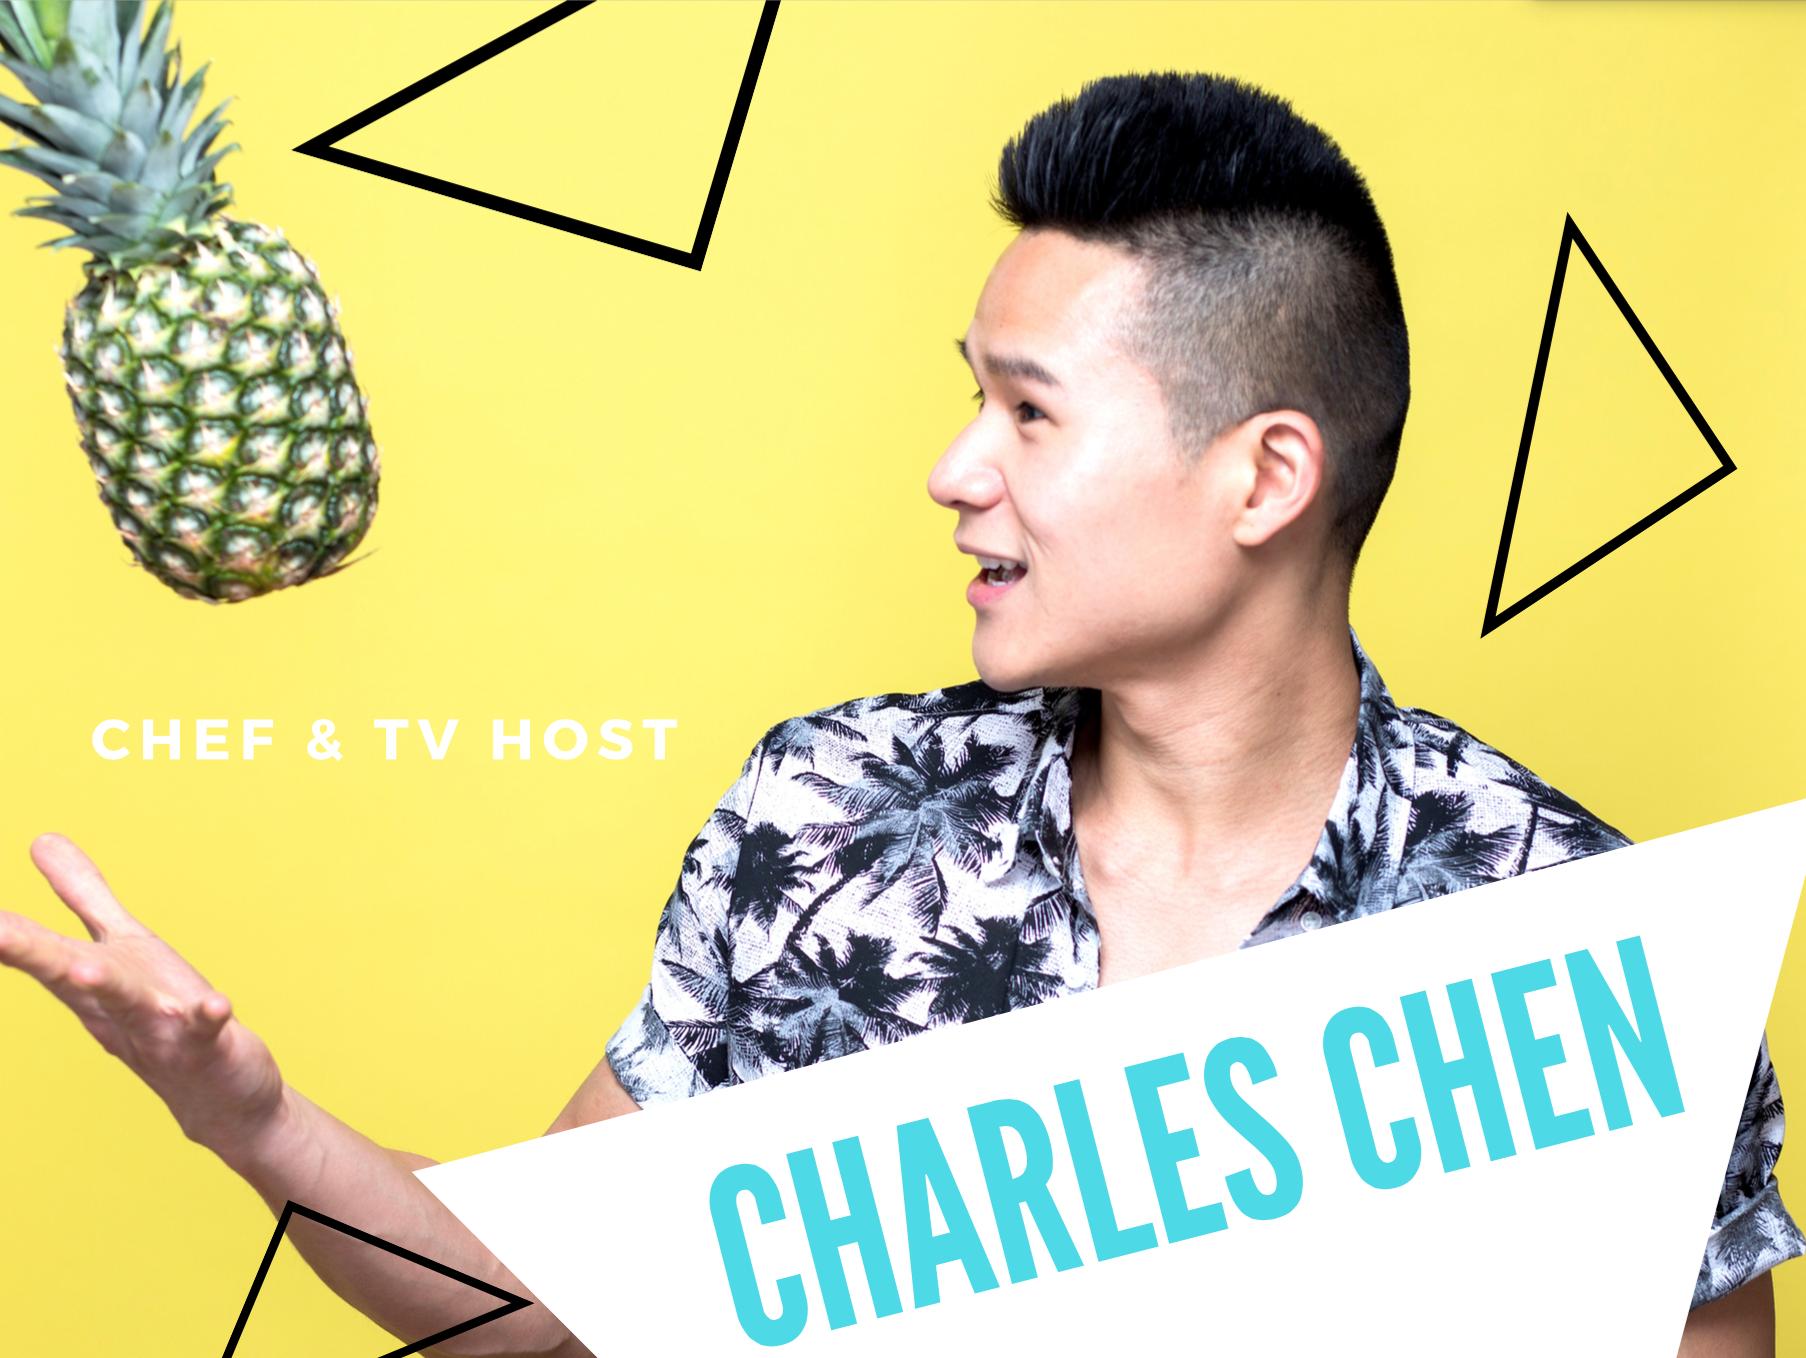 CharlesChen.tv